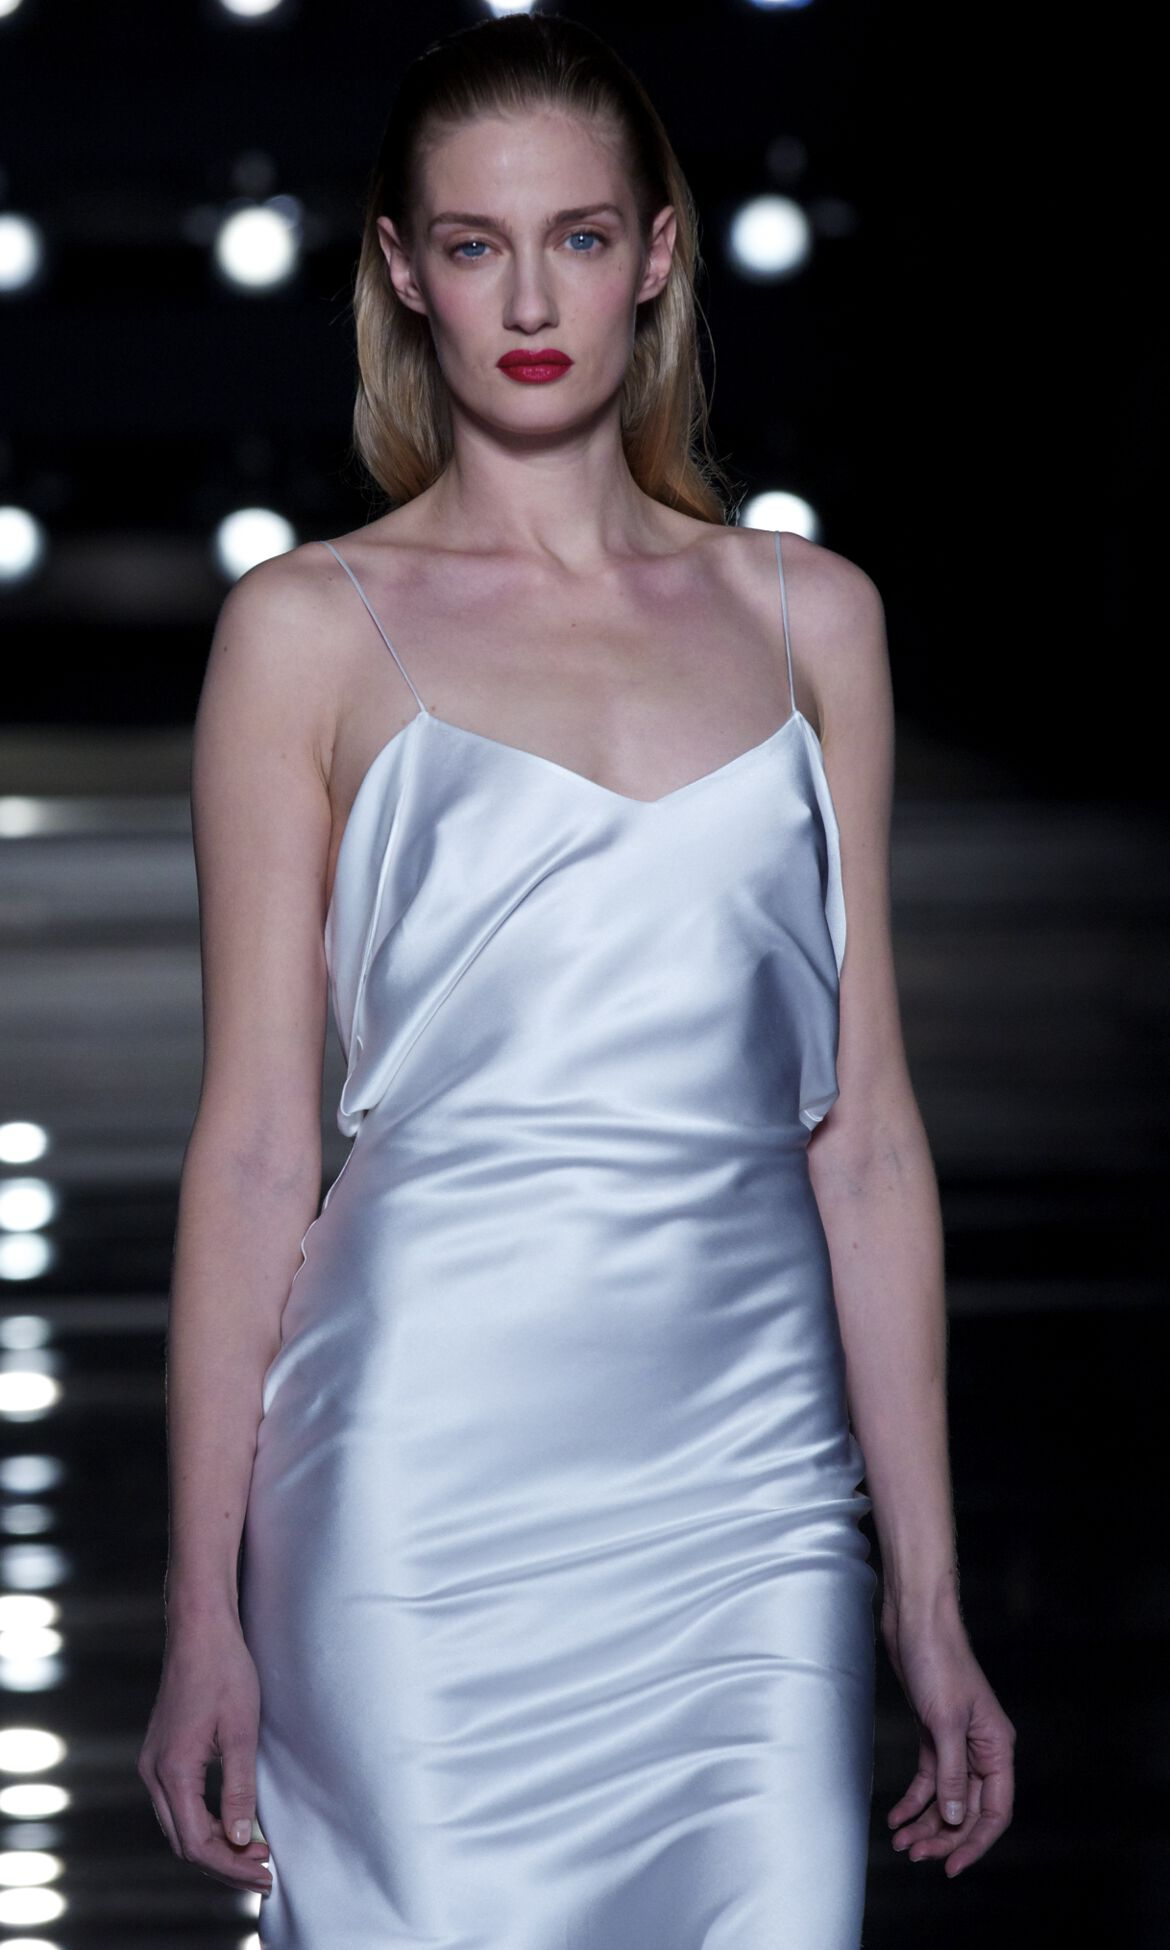 Fashion Model White Dress